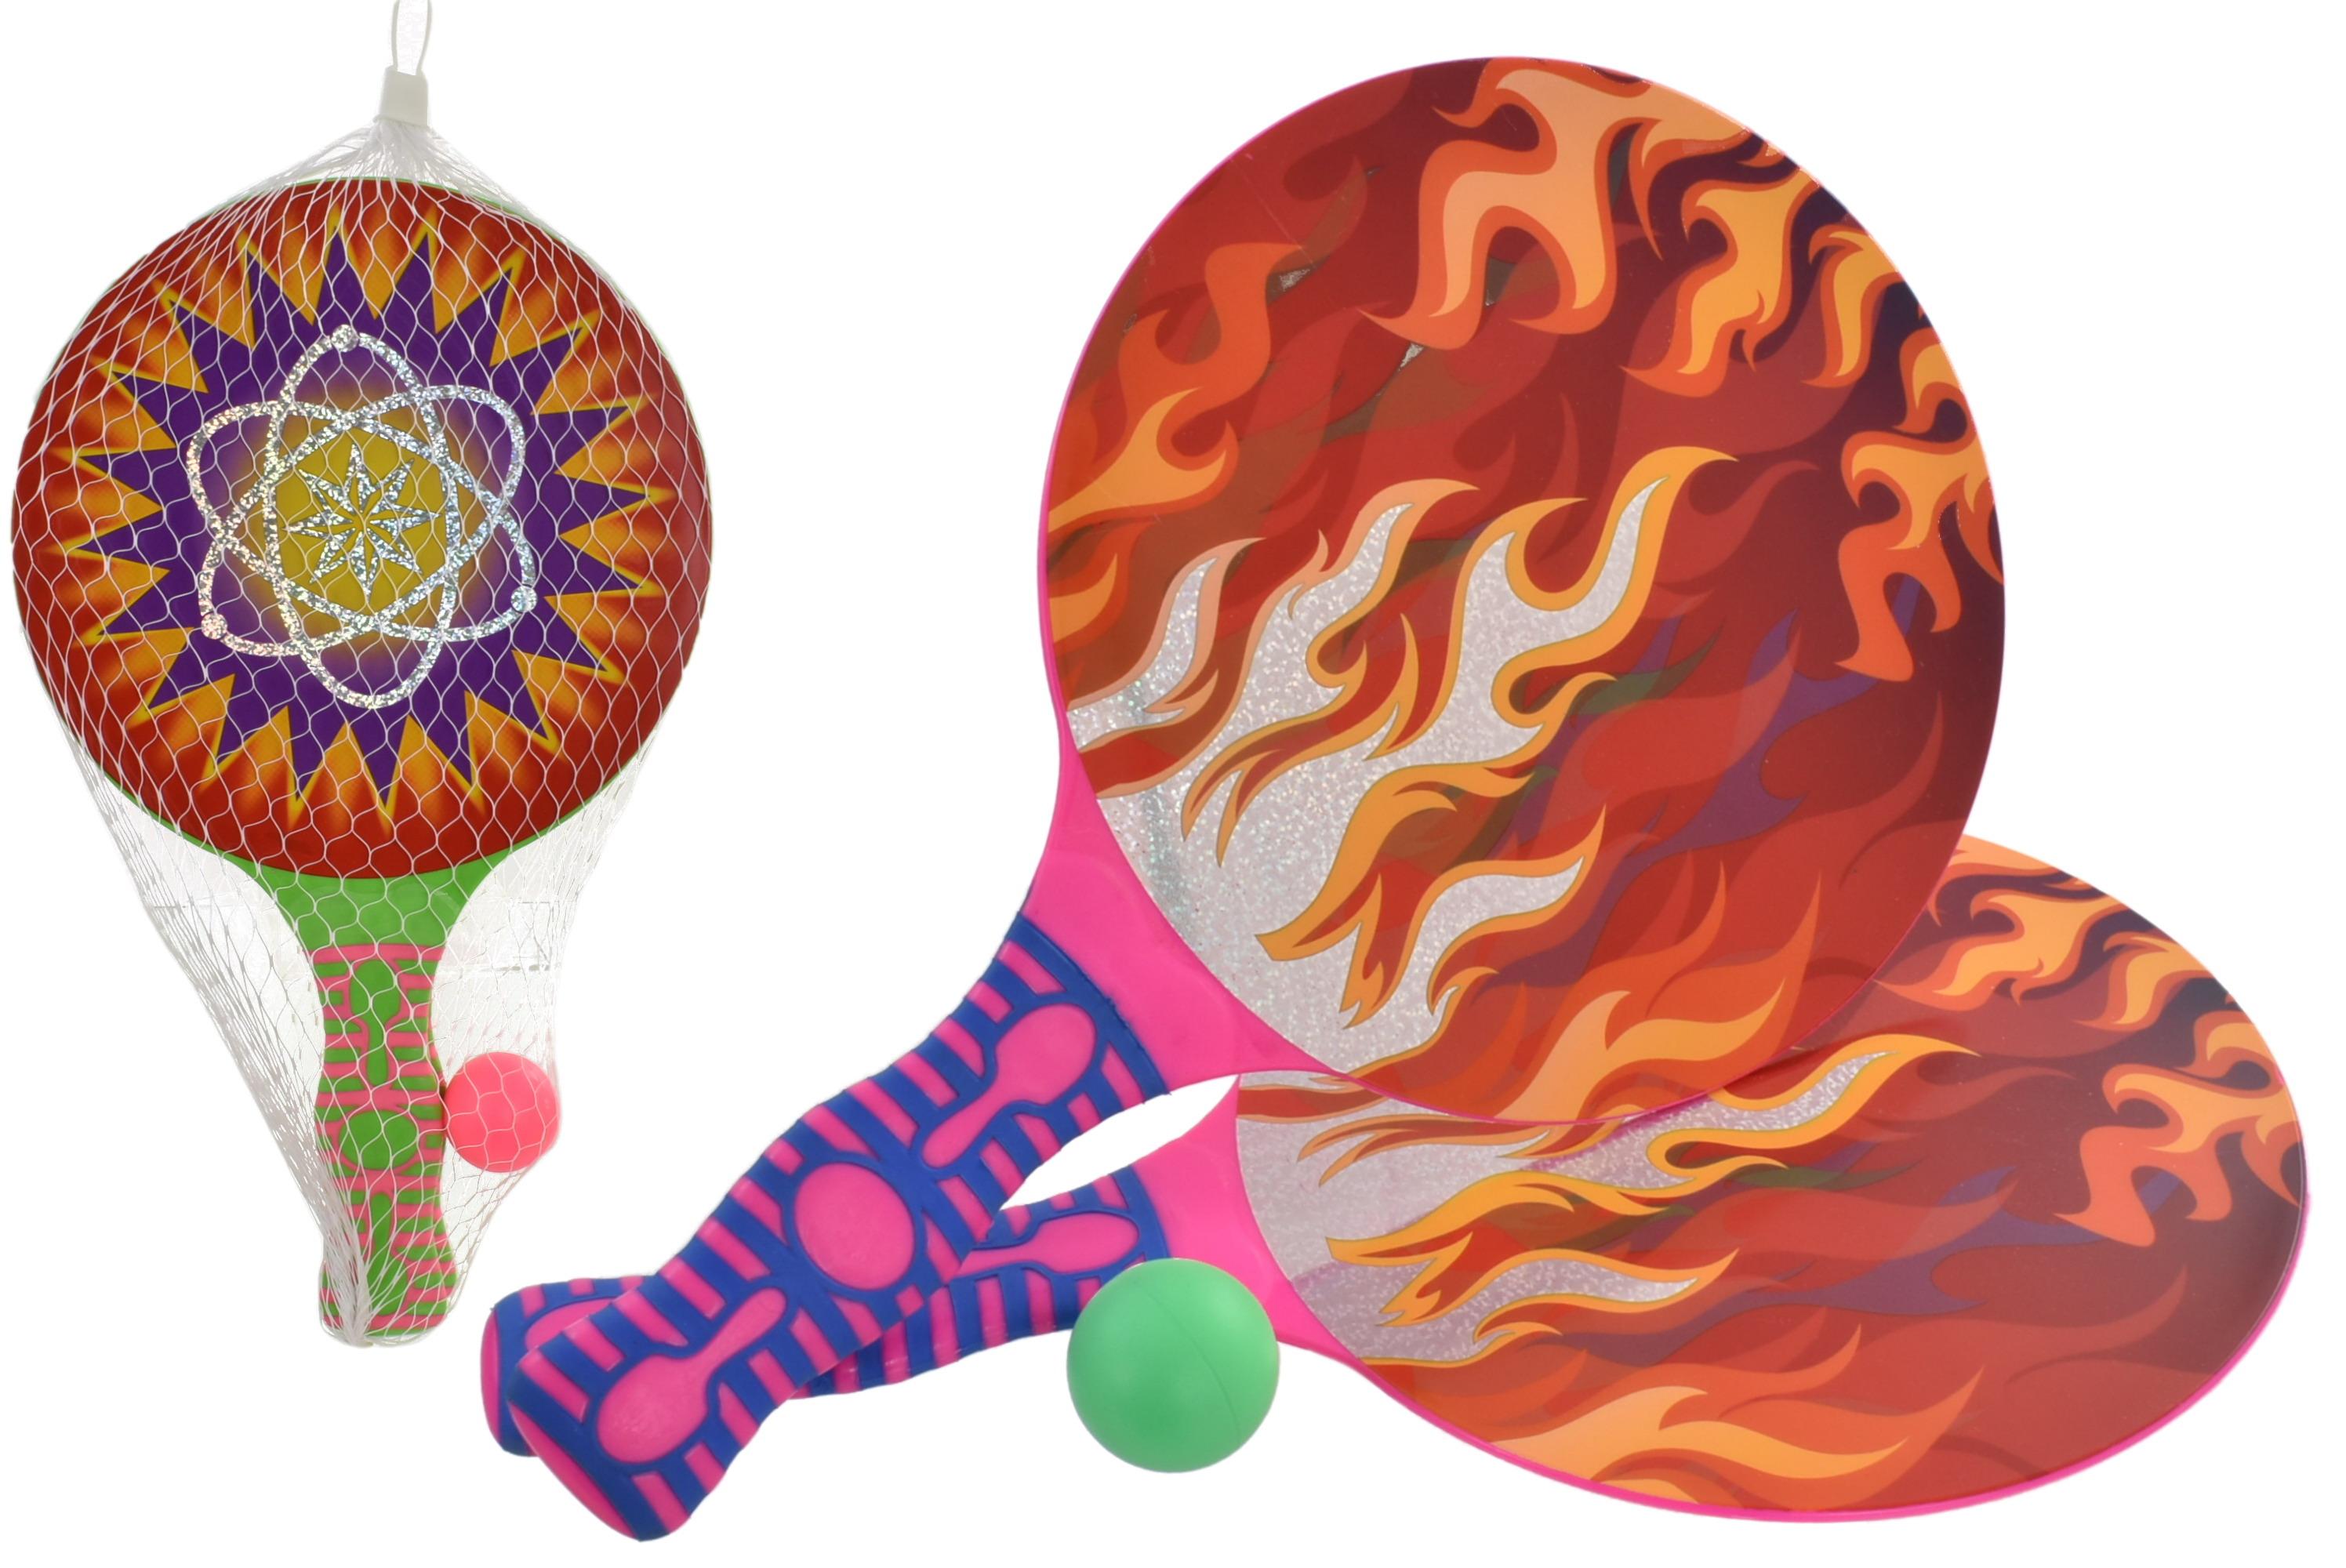 Plastic 2 Player Bat & Ball Set 2 Asst Designs & Cols